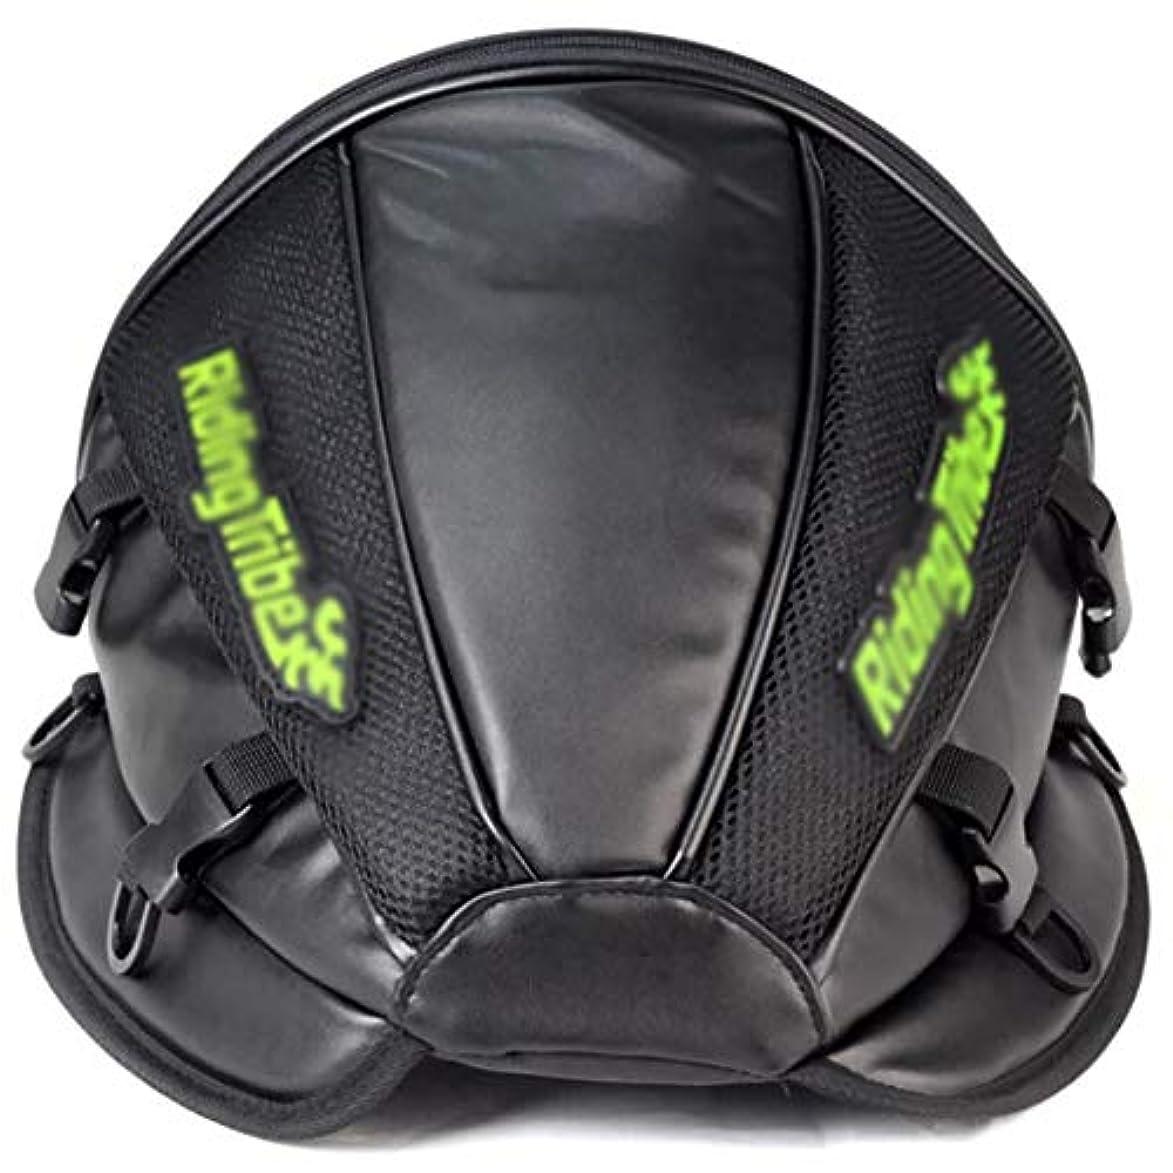 鰐歌手磁気オートバイのテールバッグ、オートバイの後部座席のサドルバッグ、オートバイの荷物のためのユニバーサル多機能シートバッグ後部座席リア収納バッグ